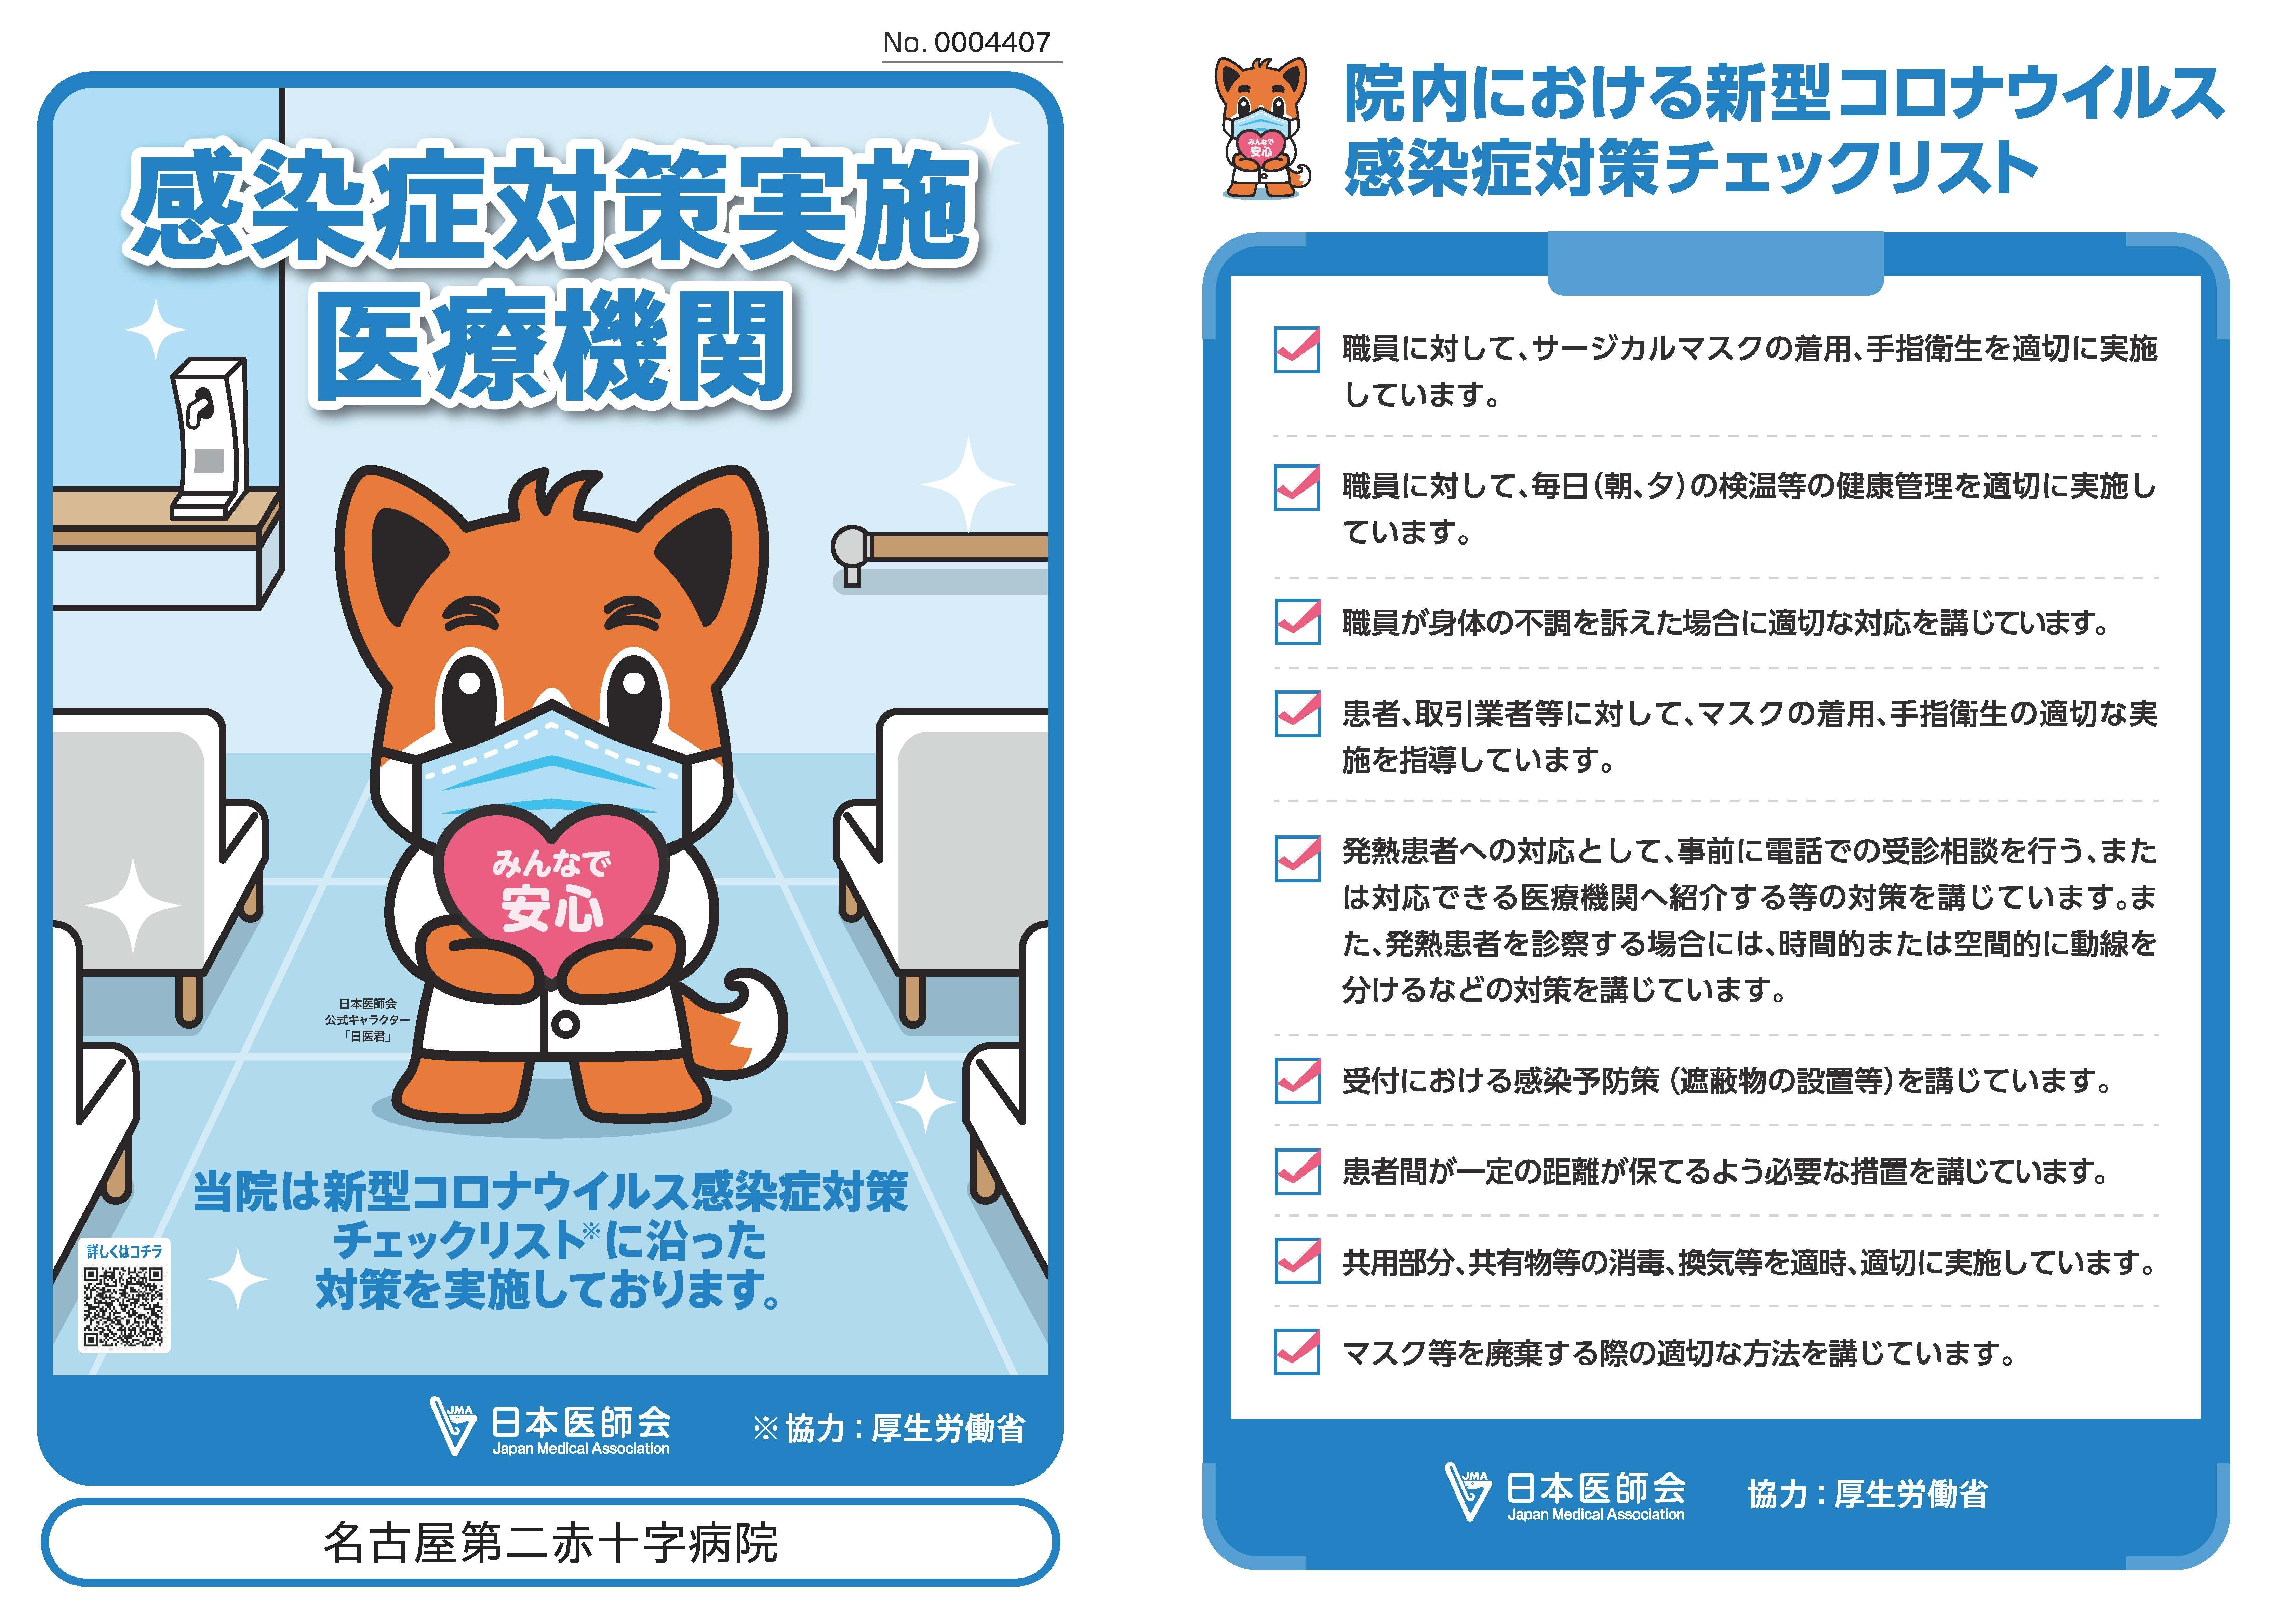 愛知 県 ウイルス 病院 コロナ